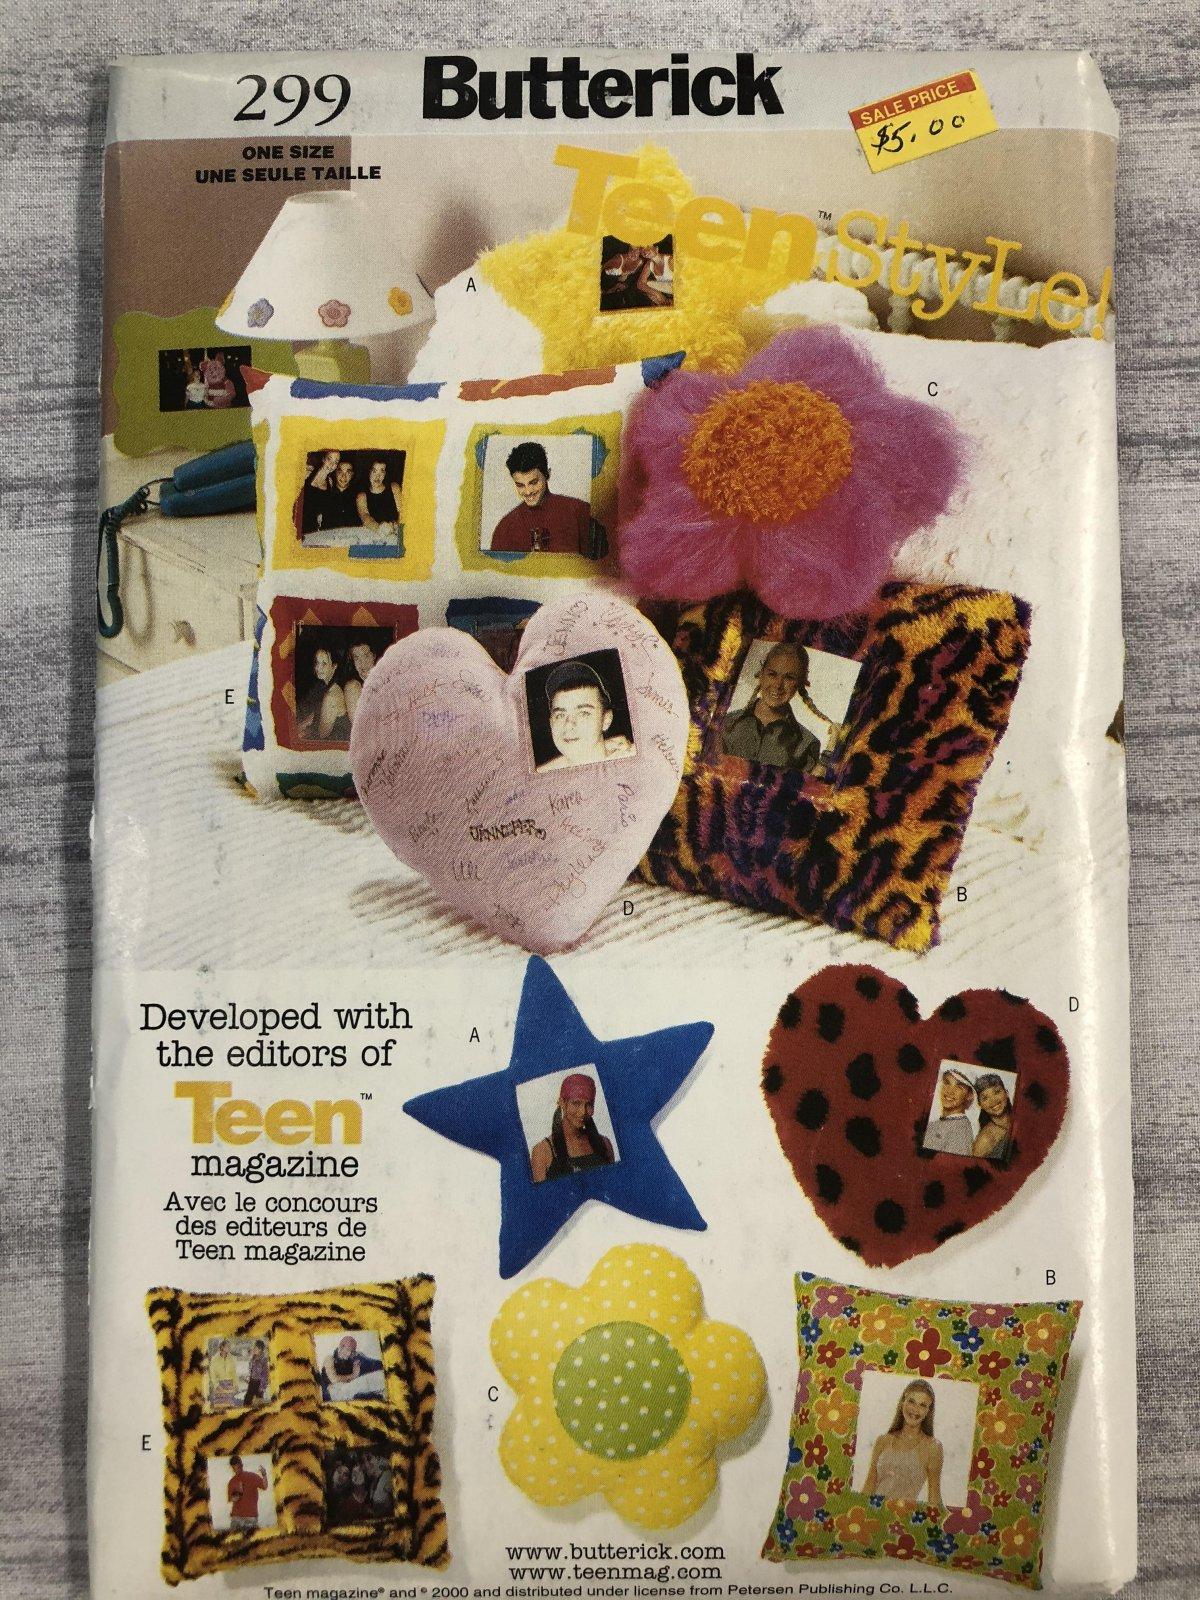 Butterick Teenstyle Pillows 0299